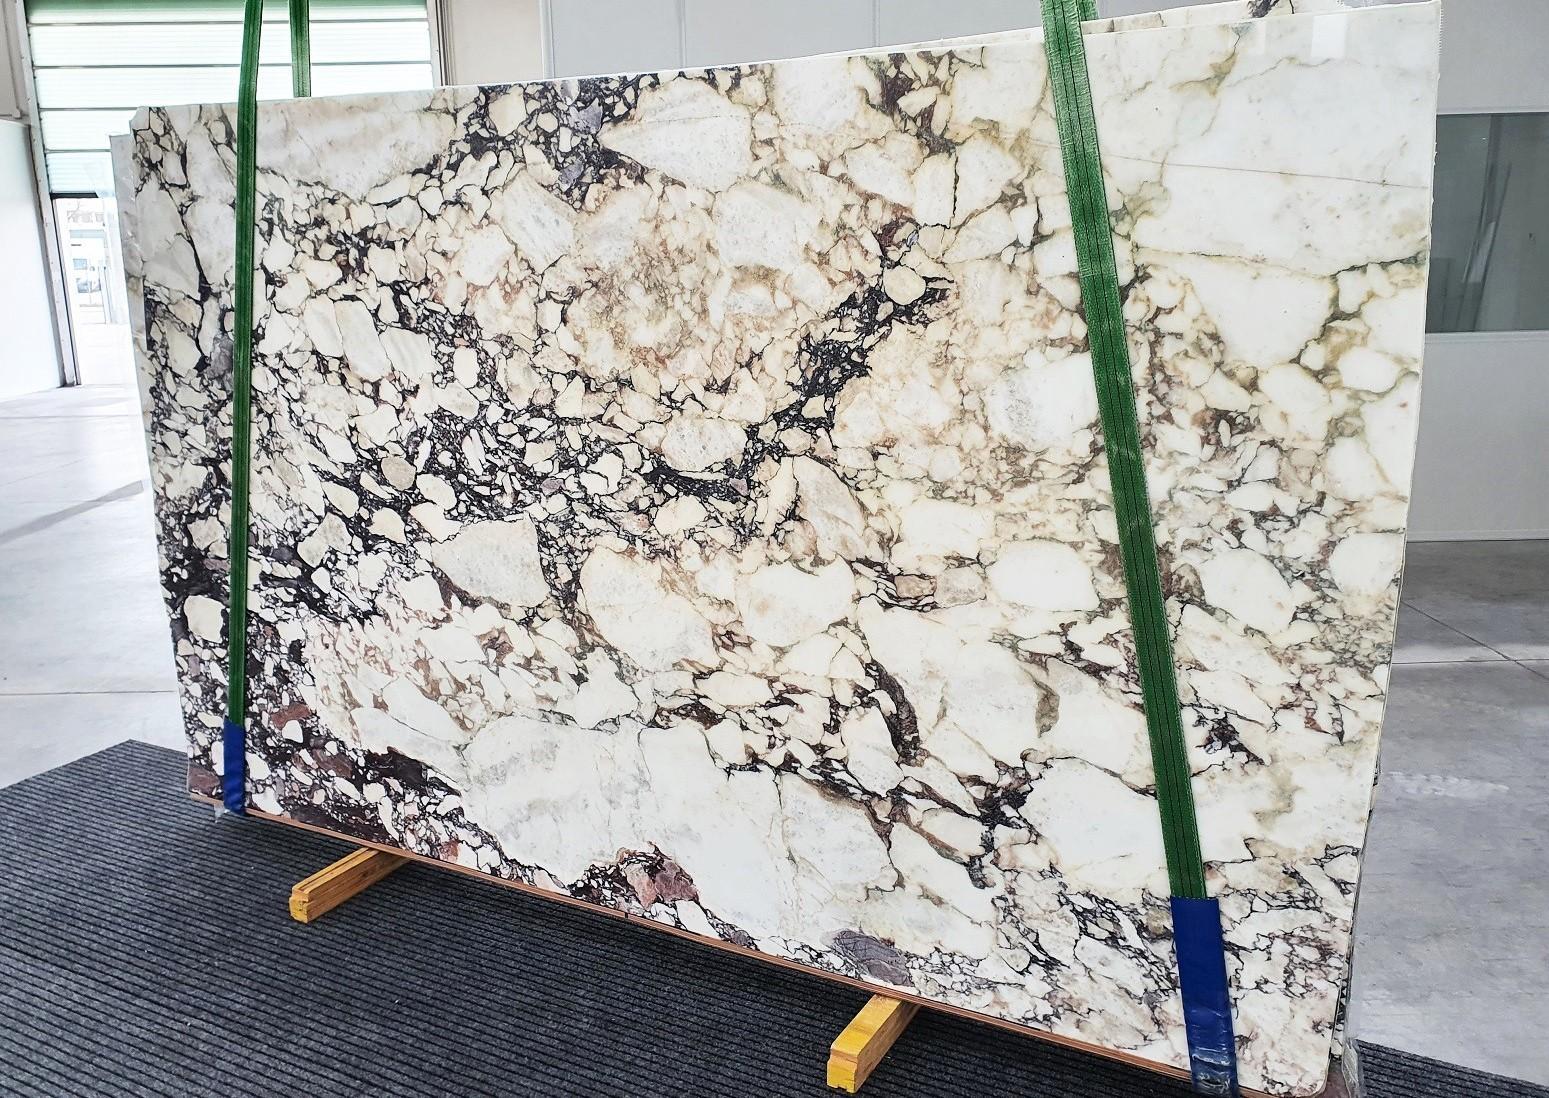 CALACATTA VIOLA Supply Veneto (Italy) polished slabs 12911 , Bnd02-Slb108 natural marble